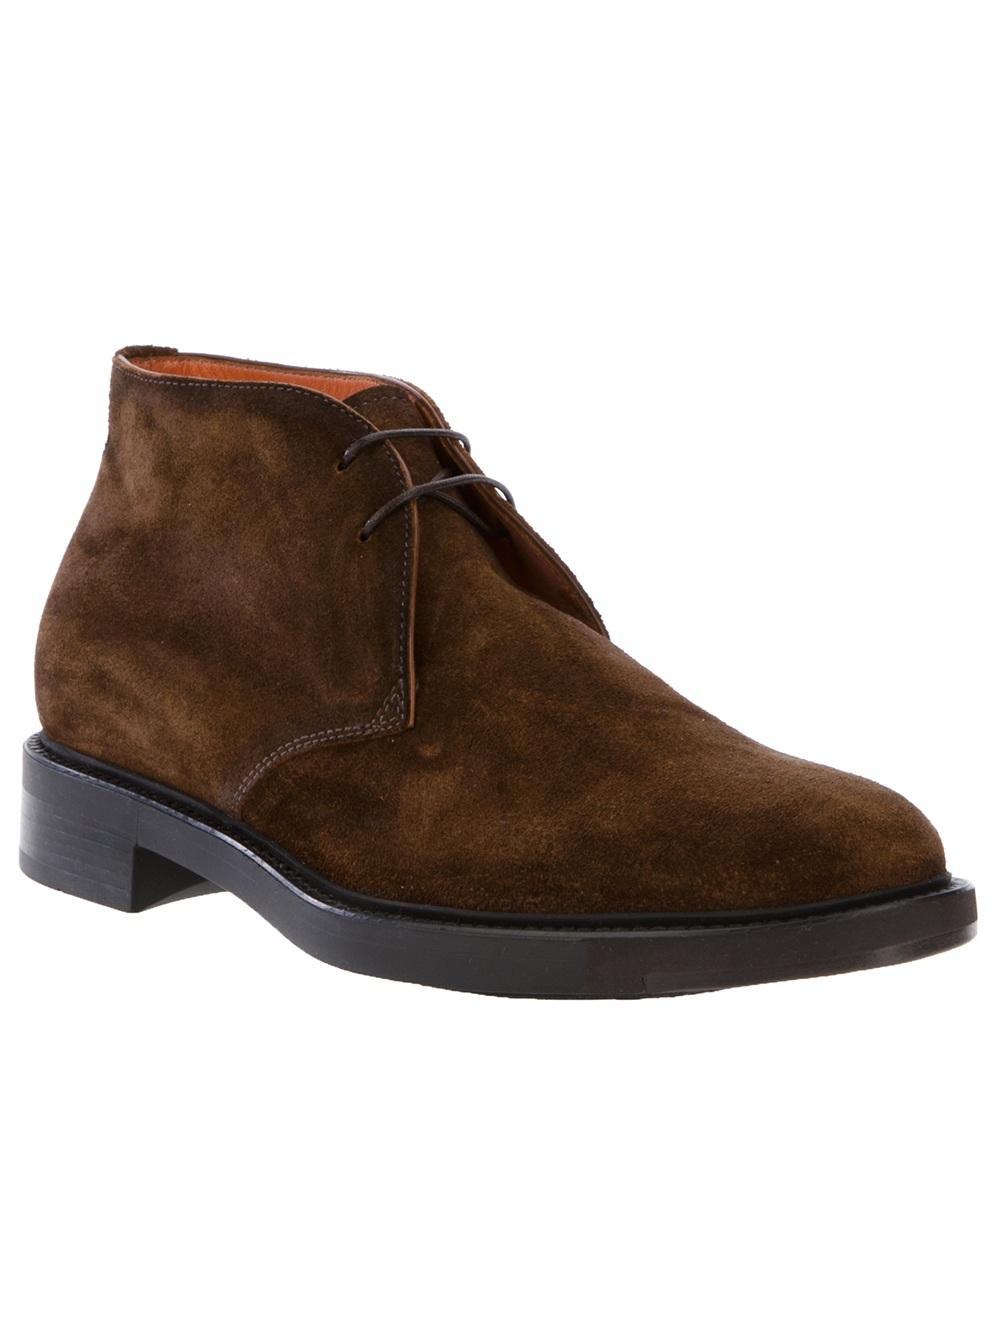 Santoni Desert Boots - Marron BkqVg